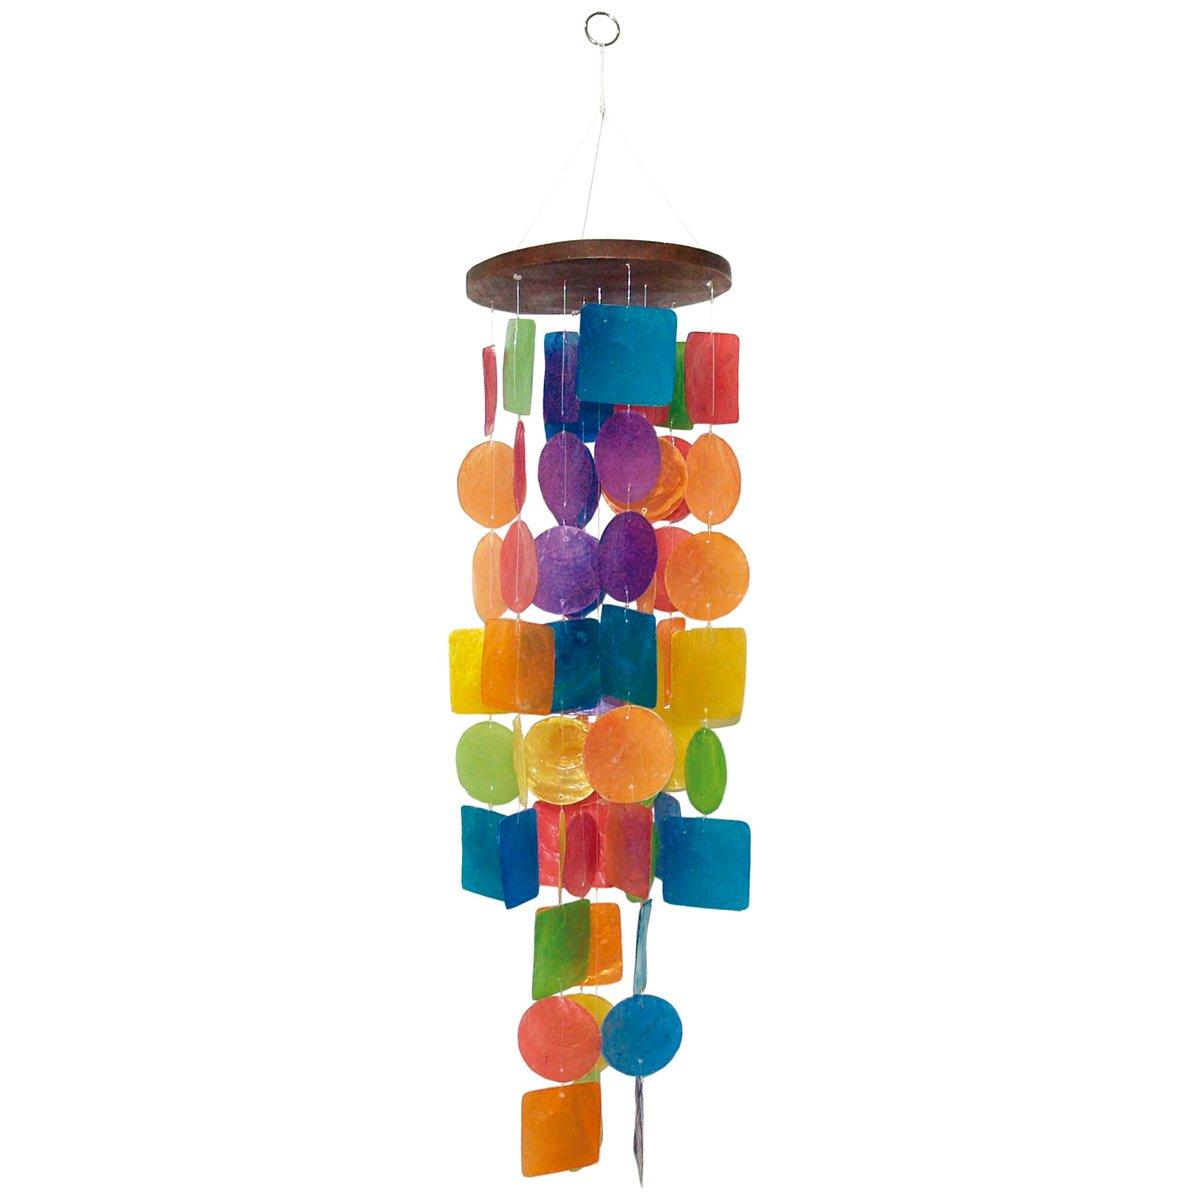 laroom 12495–Carillon Vento Conchiglie Colori 65cm, Colore